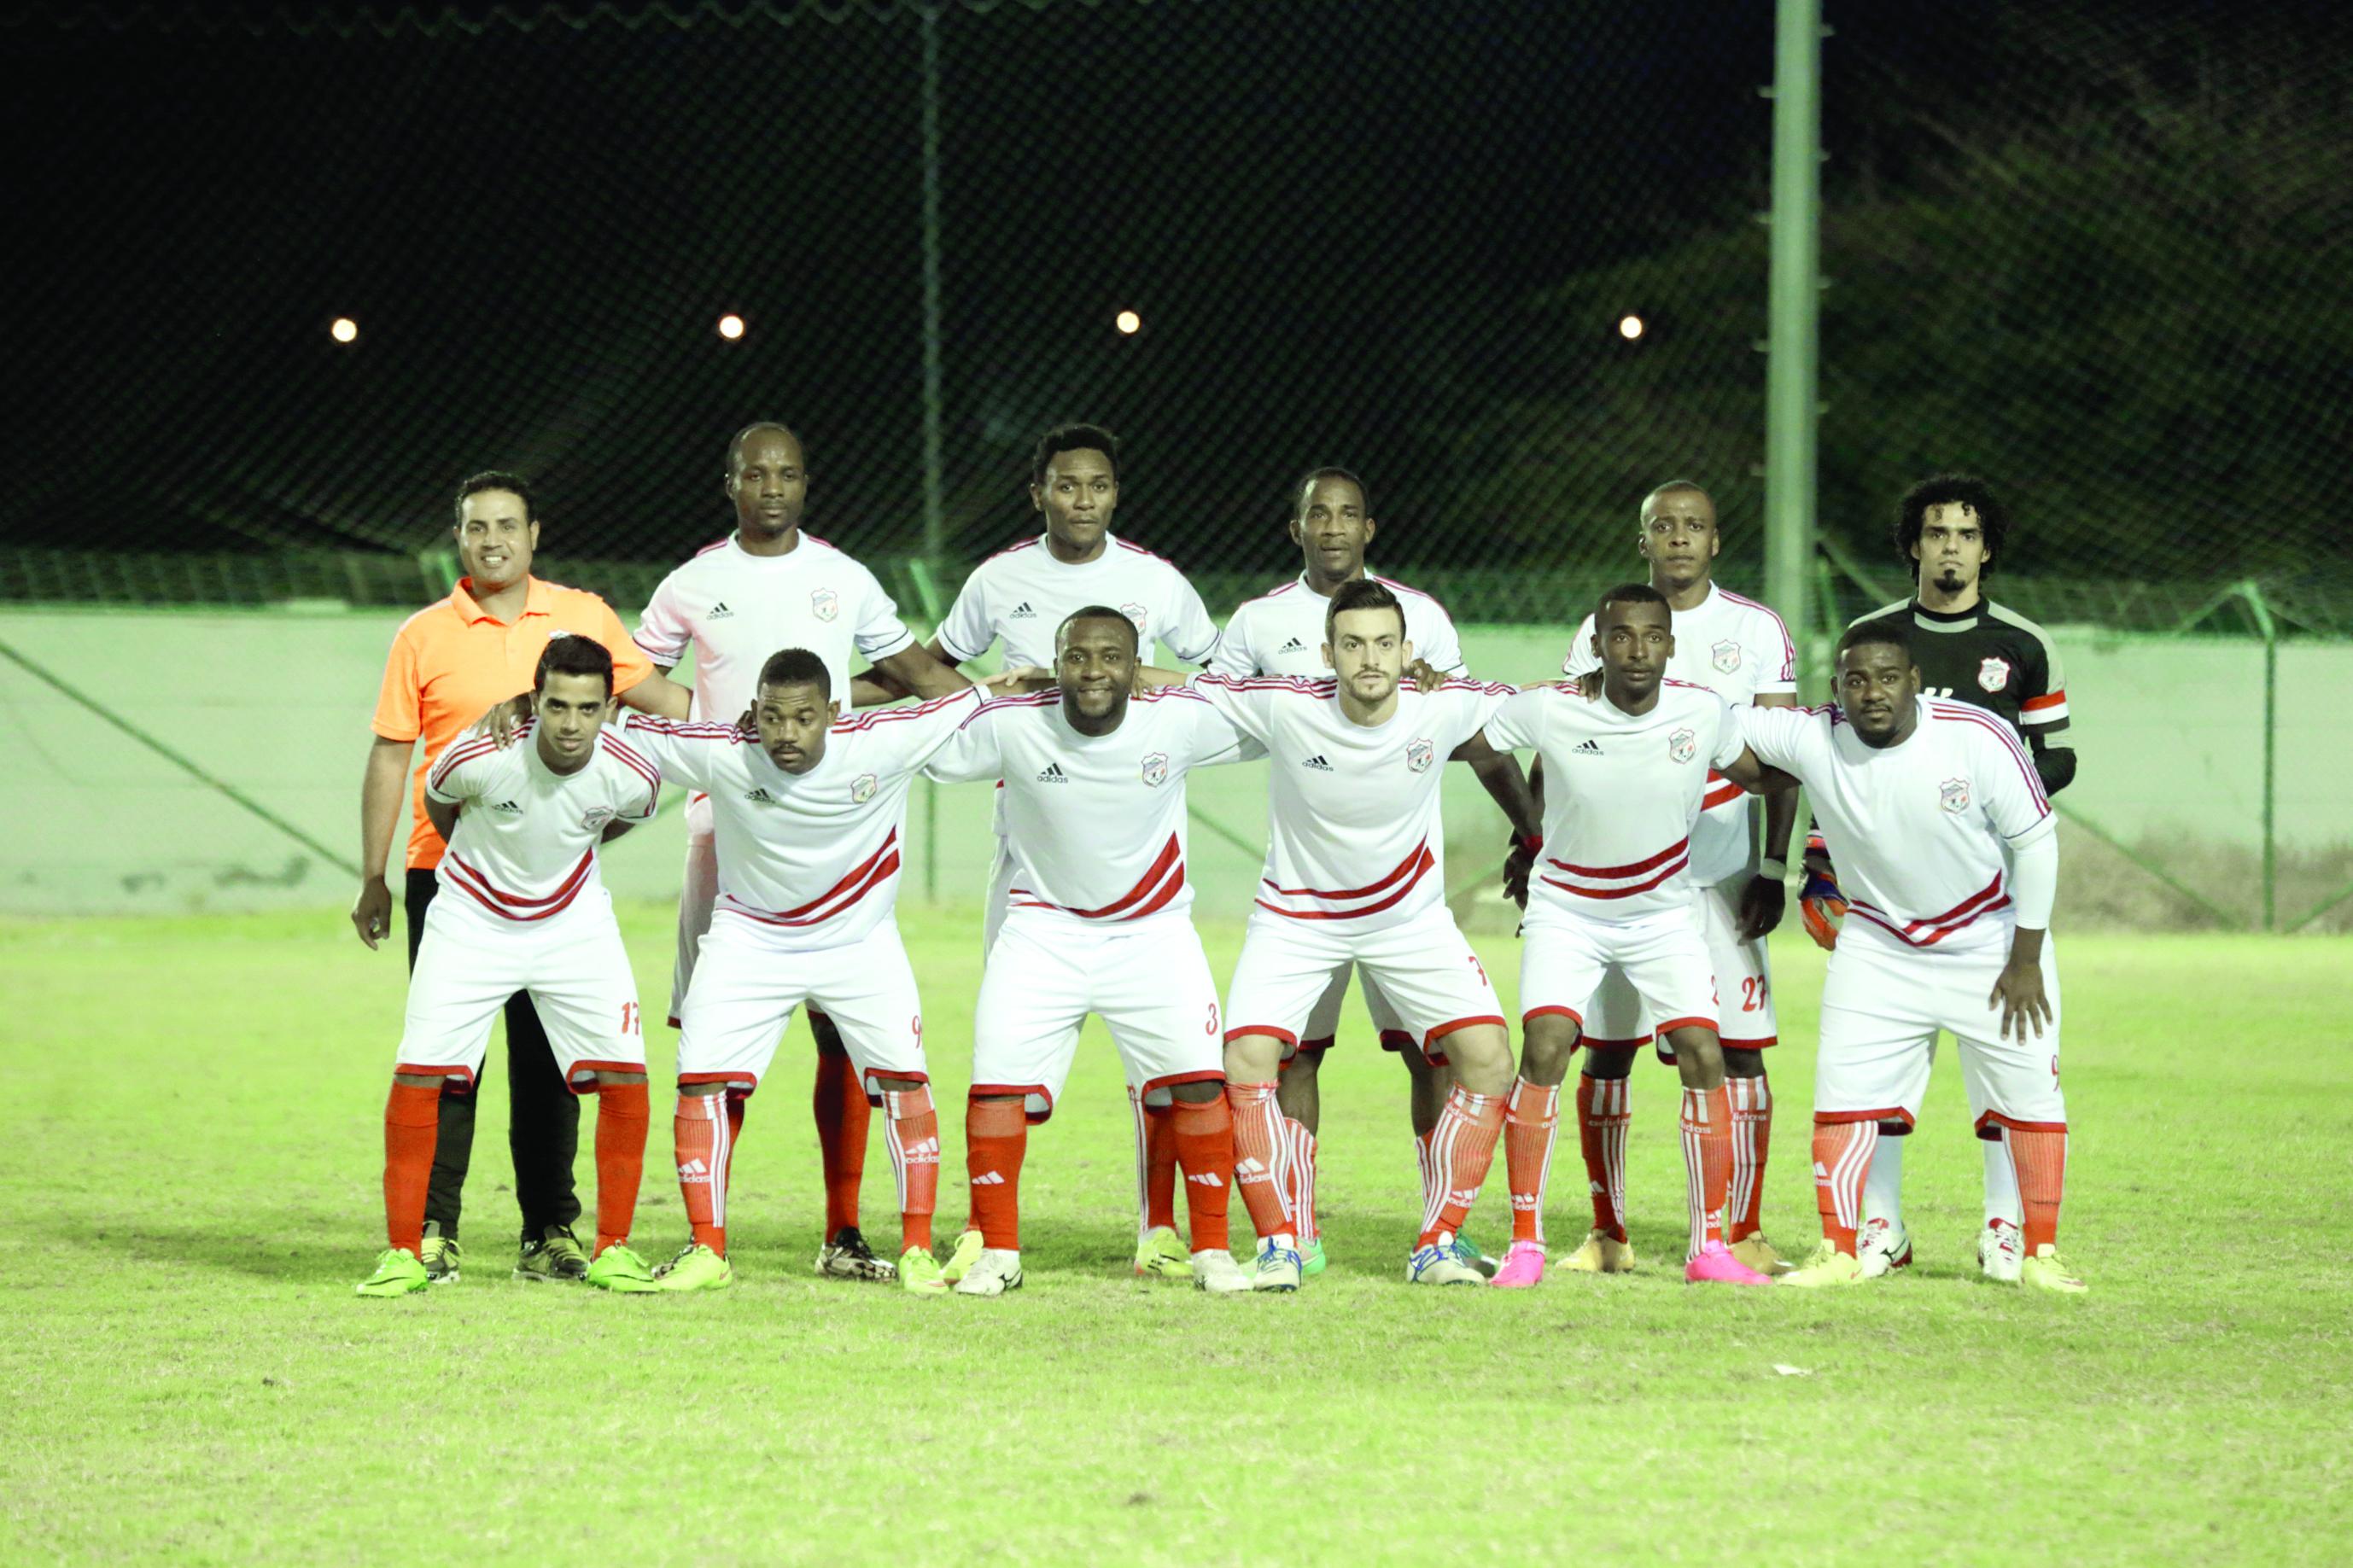 الرئيس السابق لنادي مرباط د.محمد العمري:دوري الأولى بلا تنظيم ومواصفات المترشح لرئاسة اتحاد الكرة خاصة